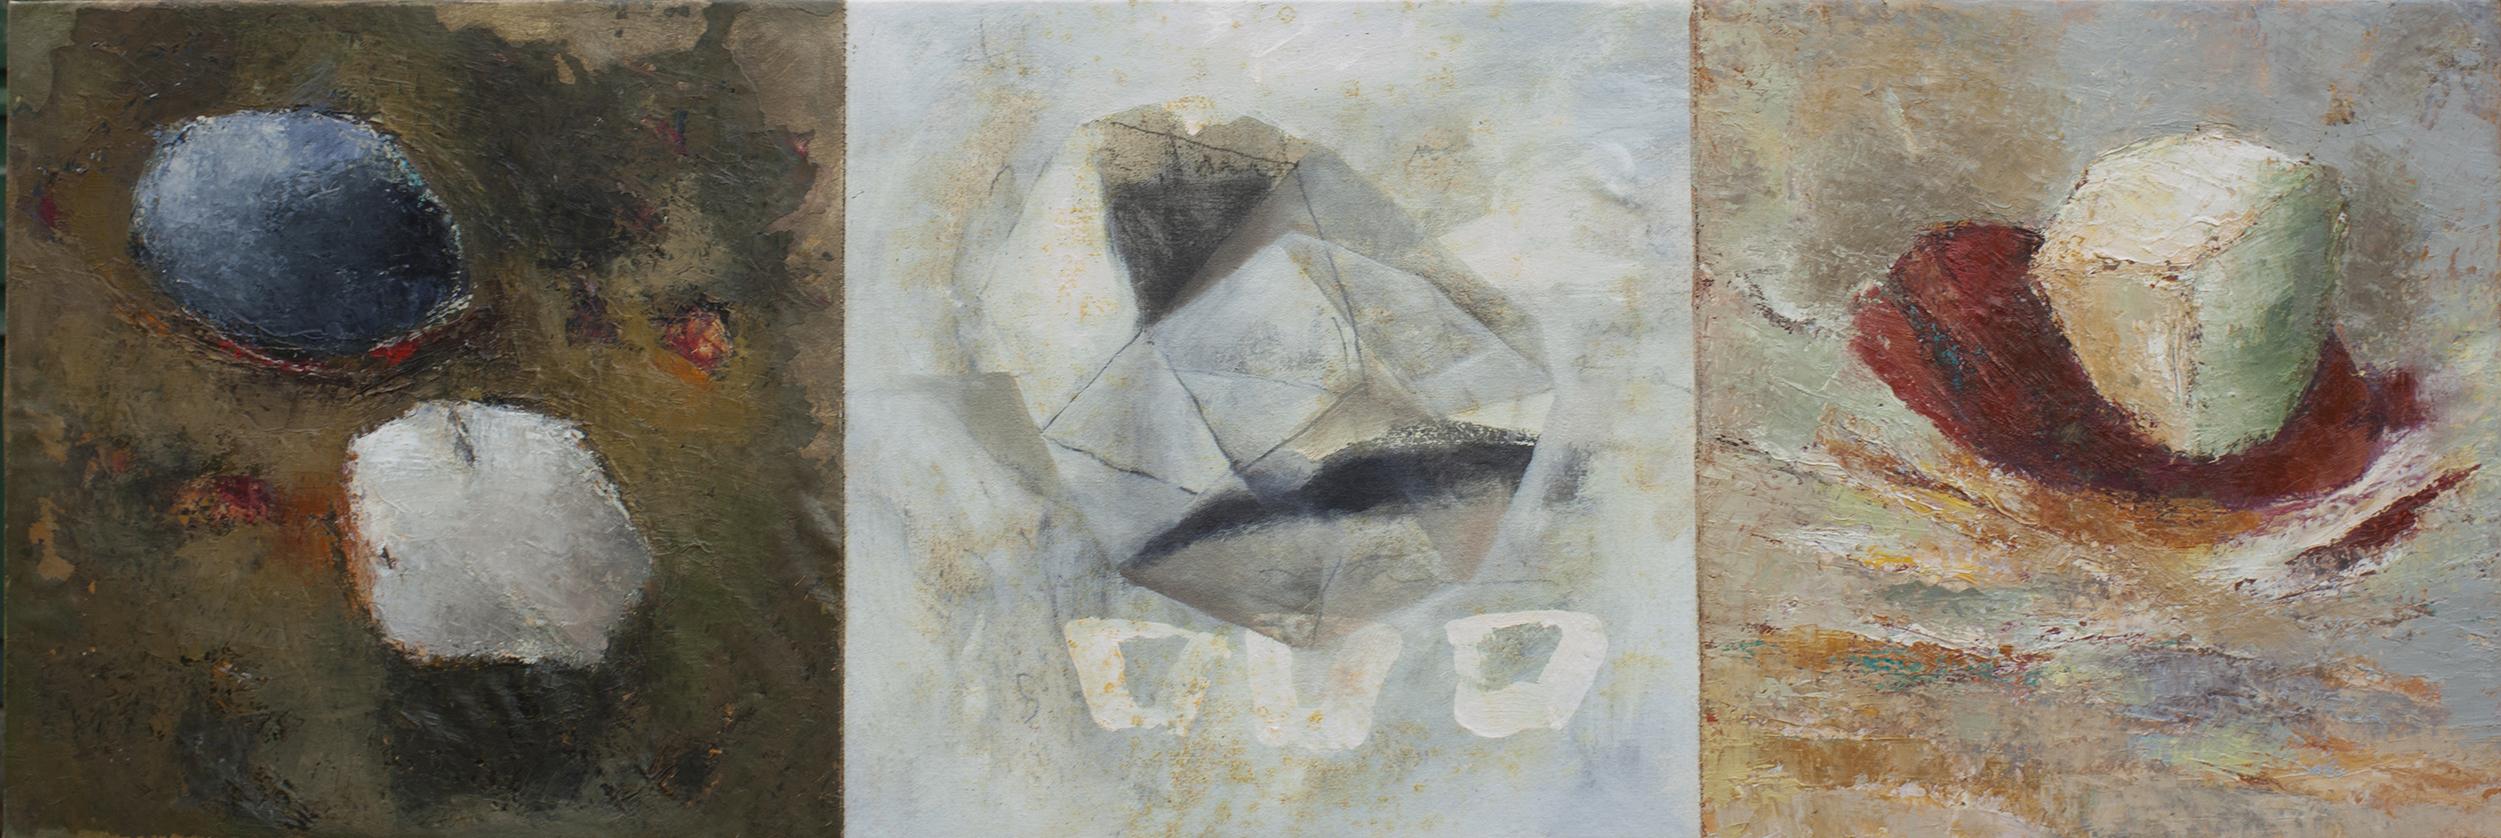 Prisme - triptyque -2017 - huile sur toile (120 x 40 cm)